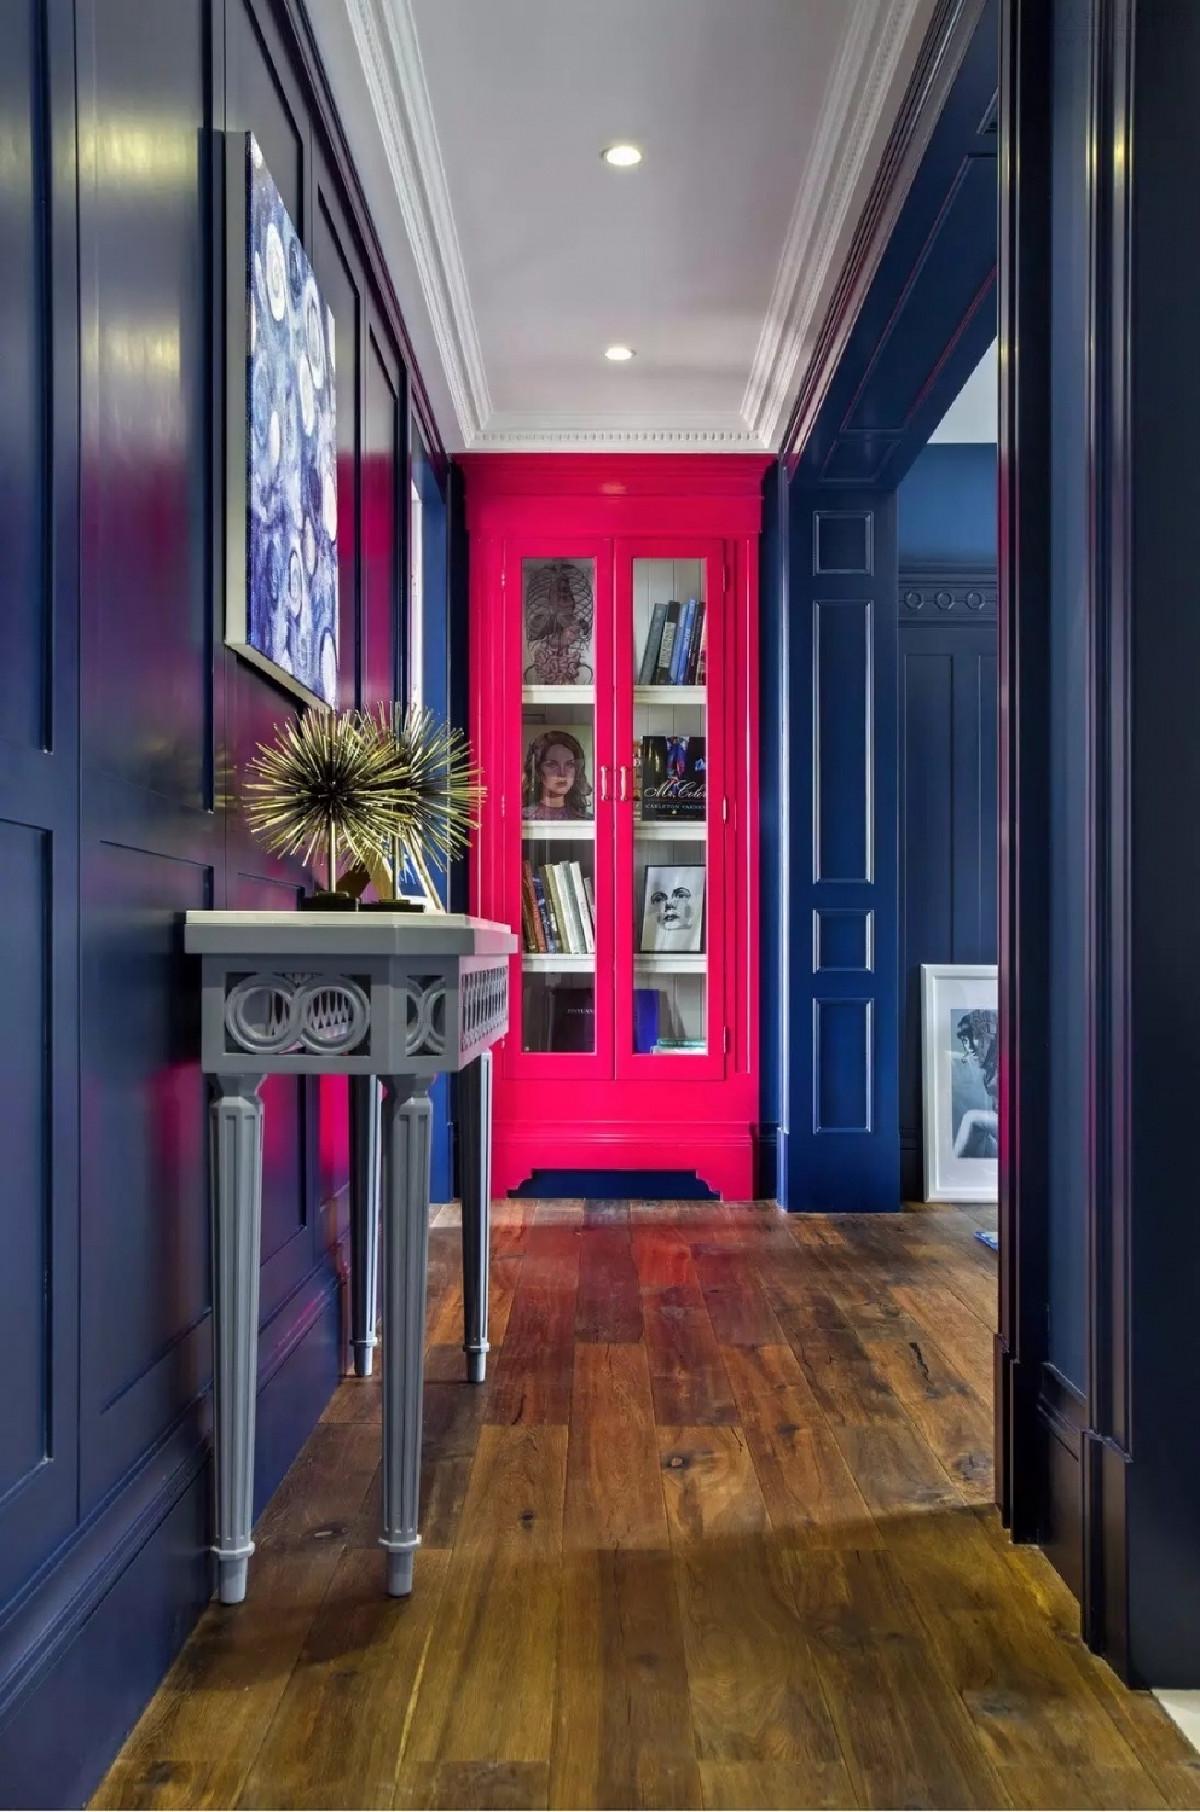 书房套间大面积的藏蓝色饰面冲击着玫 红色的壁柜,这样的对比效果让人 兴 奋